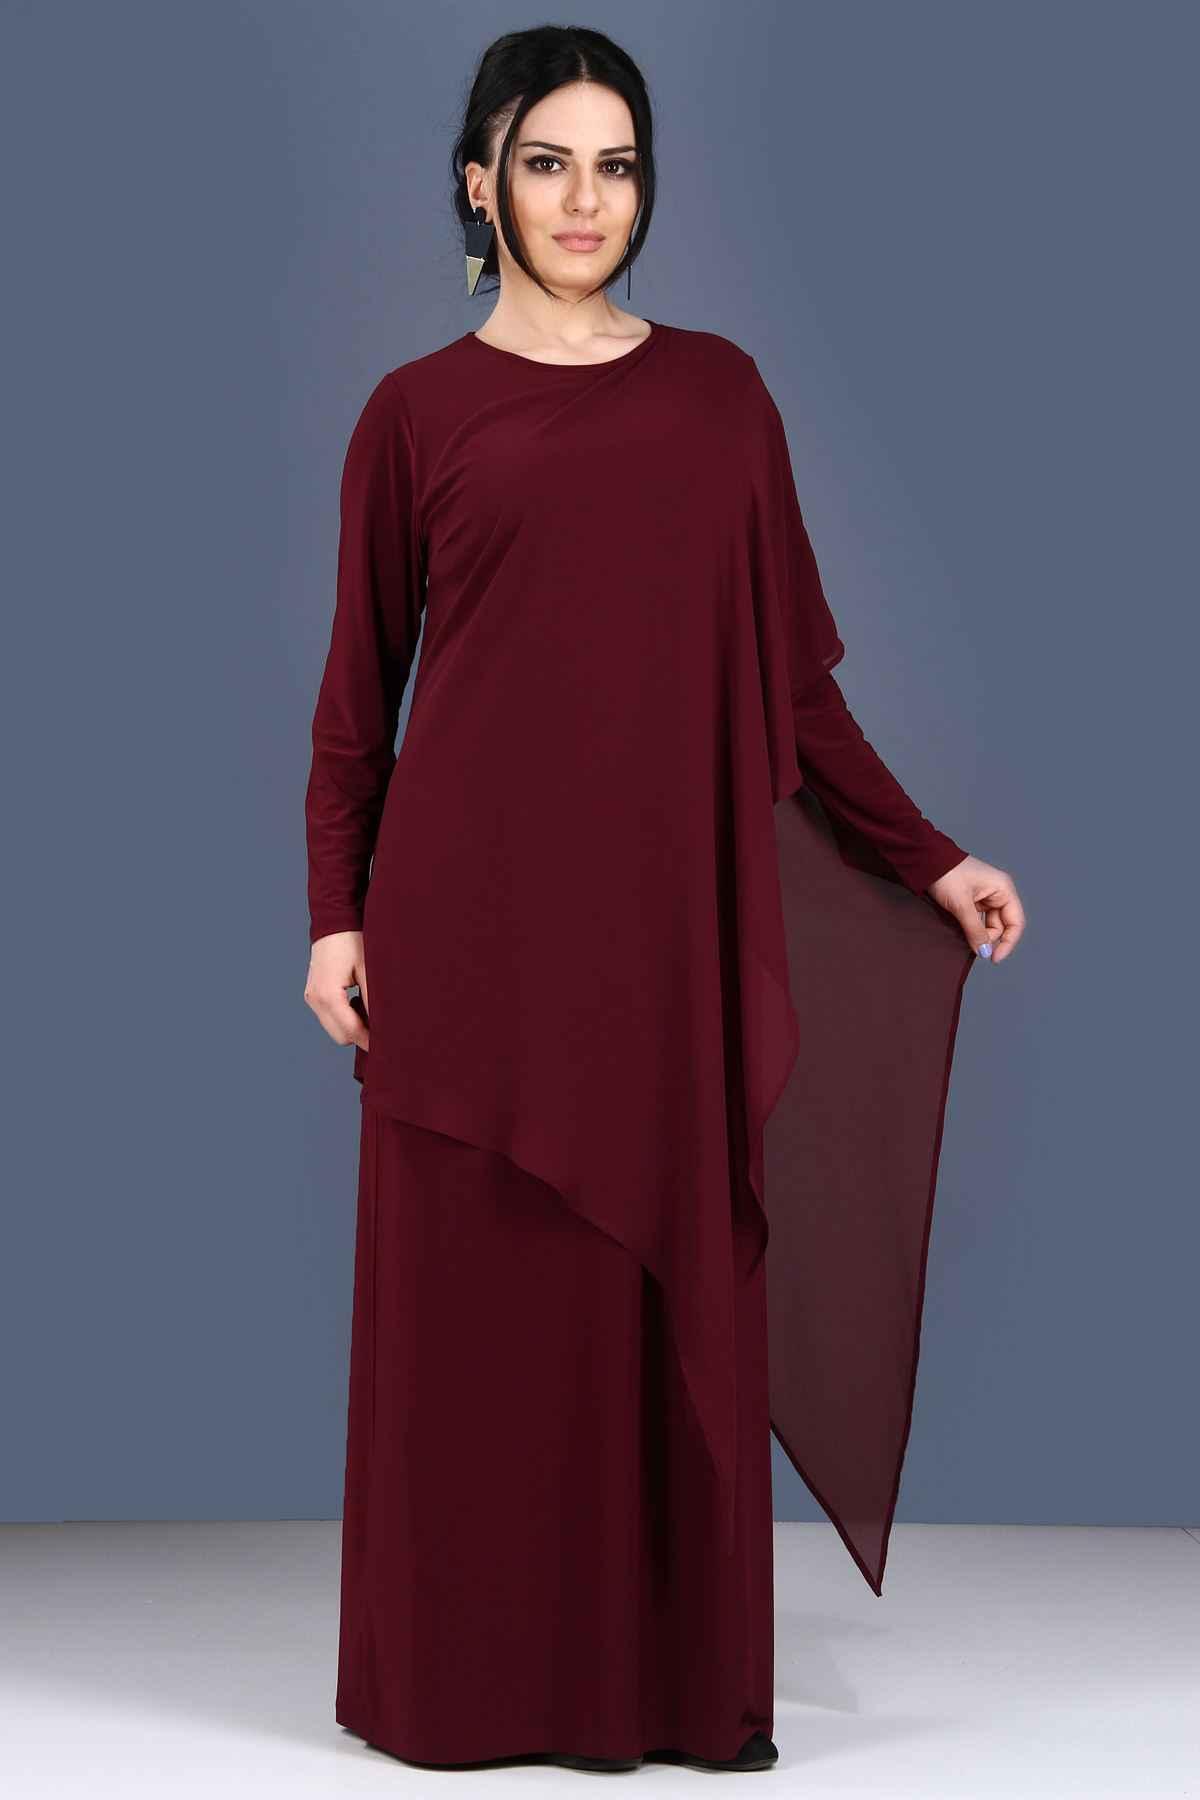 Patırtı Büyük Beden Asimetrik Kesim Elbise Modelleri